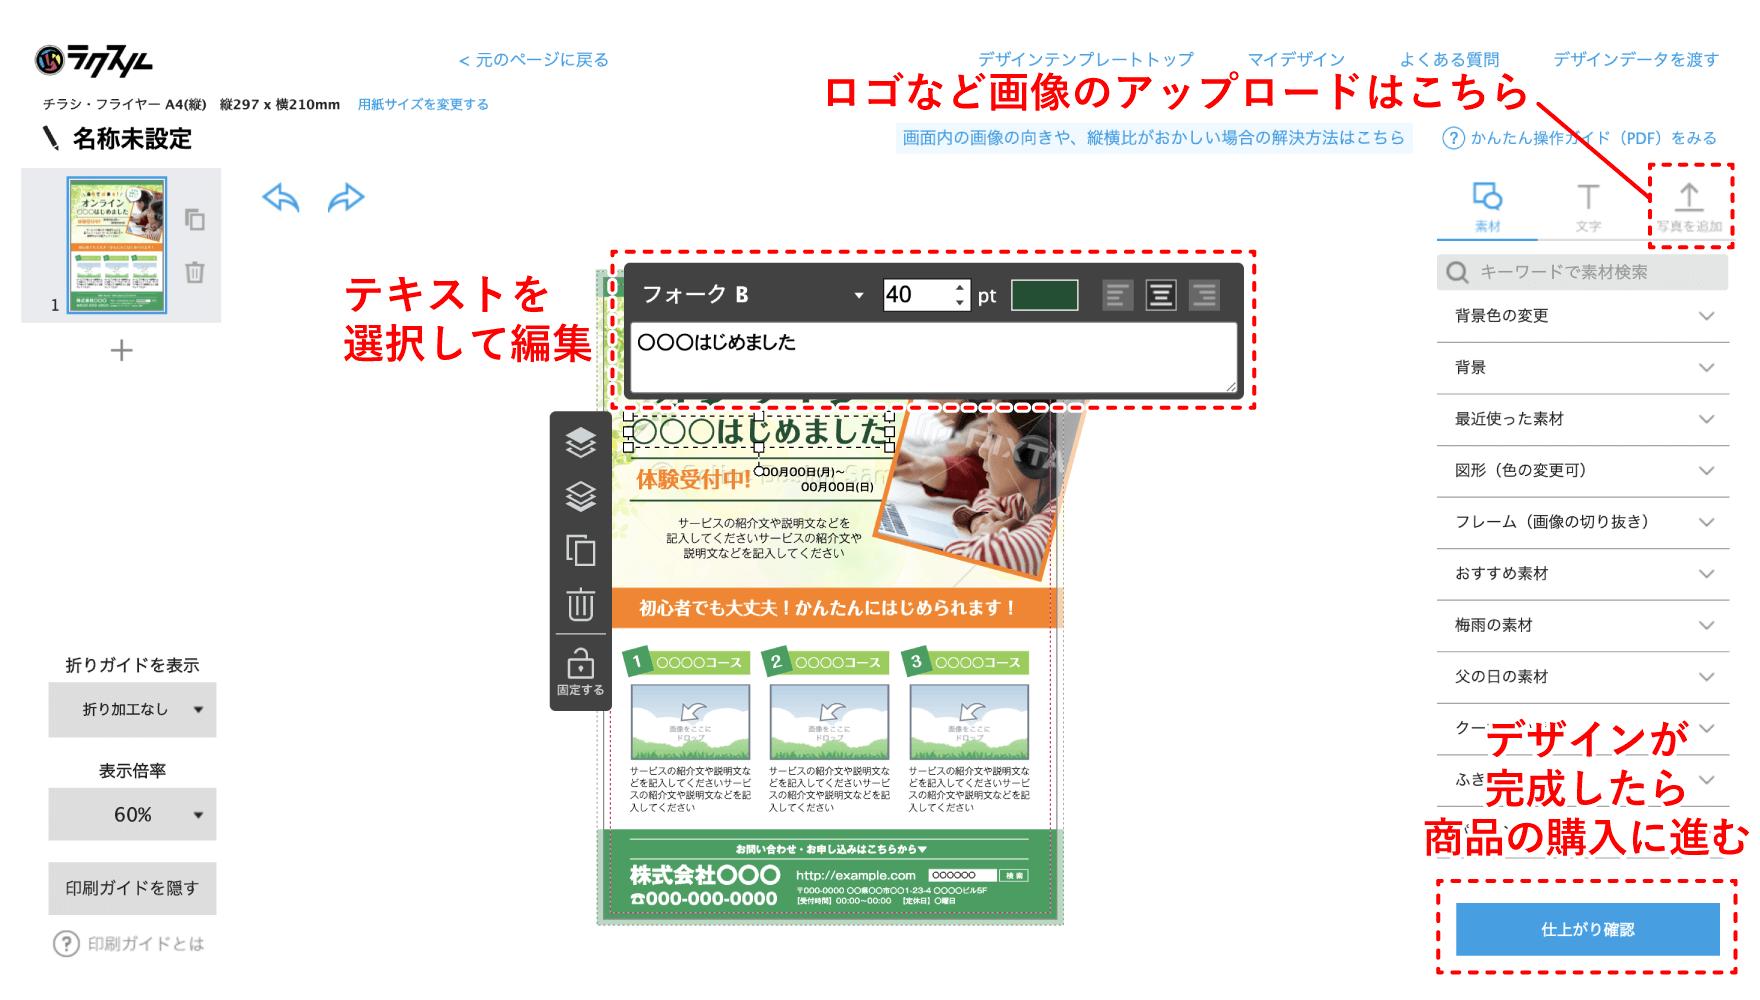 【STEP2】オンラインで提供するサービス内容を入れましょう